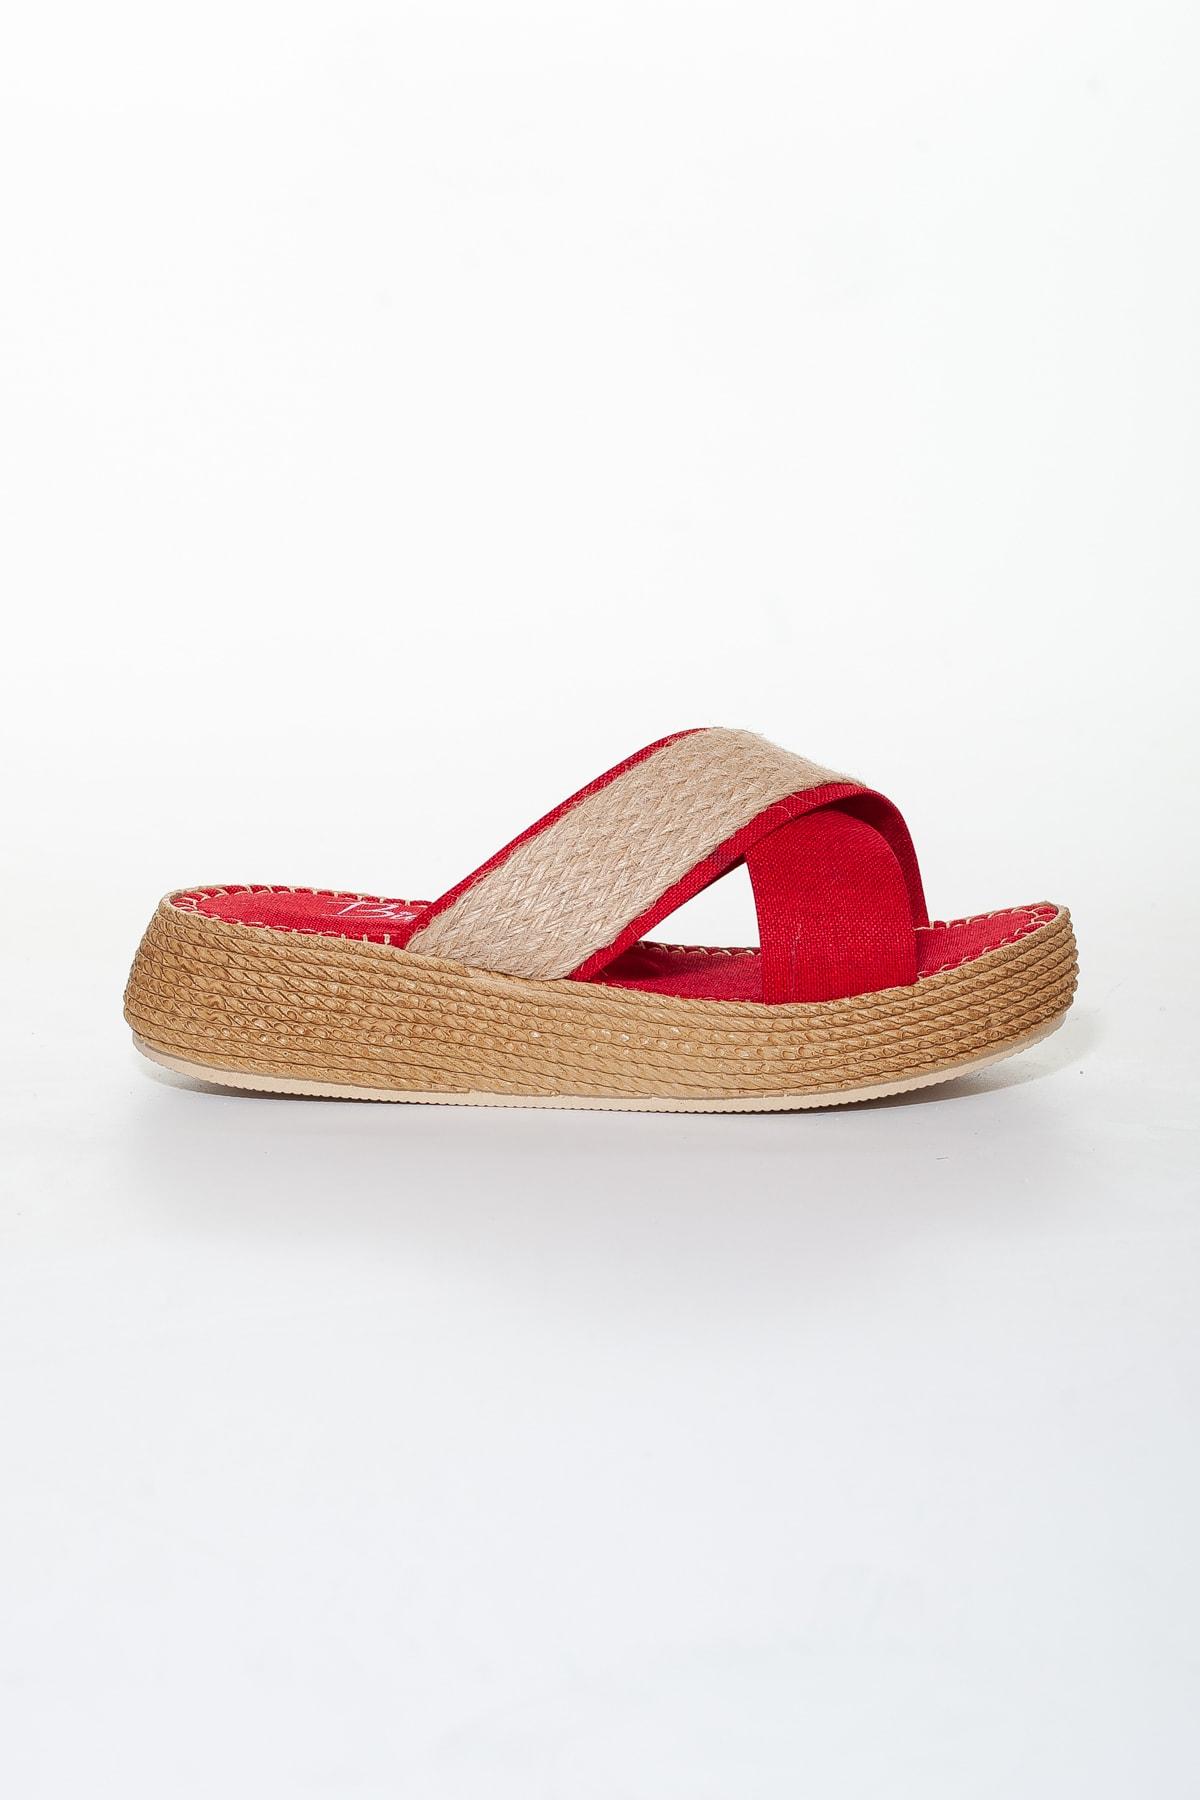 Moda Değirmeni Hasır-kırmızı Kadın Terlik Md1030-122-0003